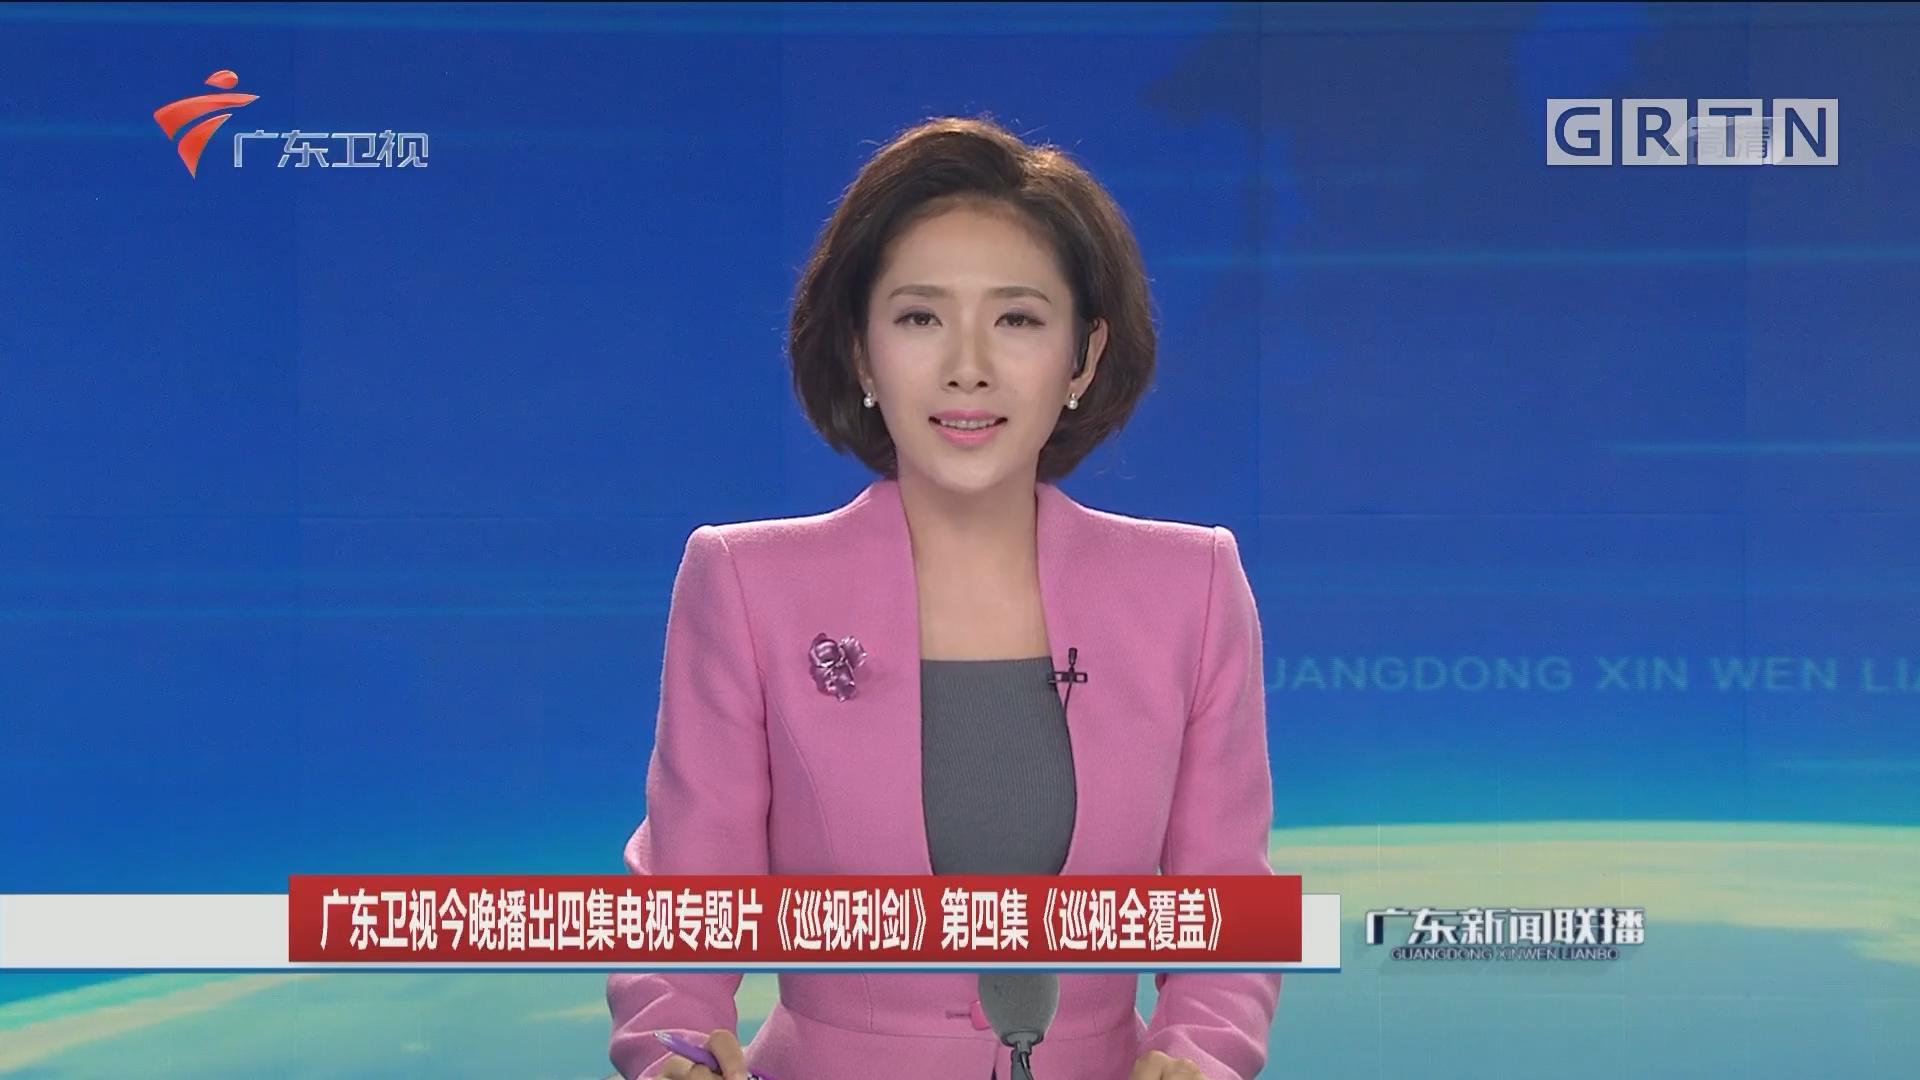 广东卫视今晚播出四集电视专题片《巡视利剑》第四集《巡视全覆盖》